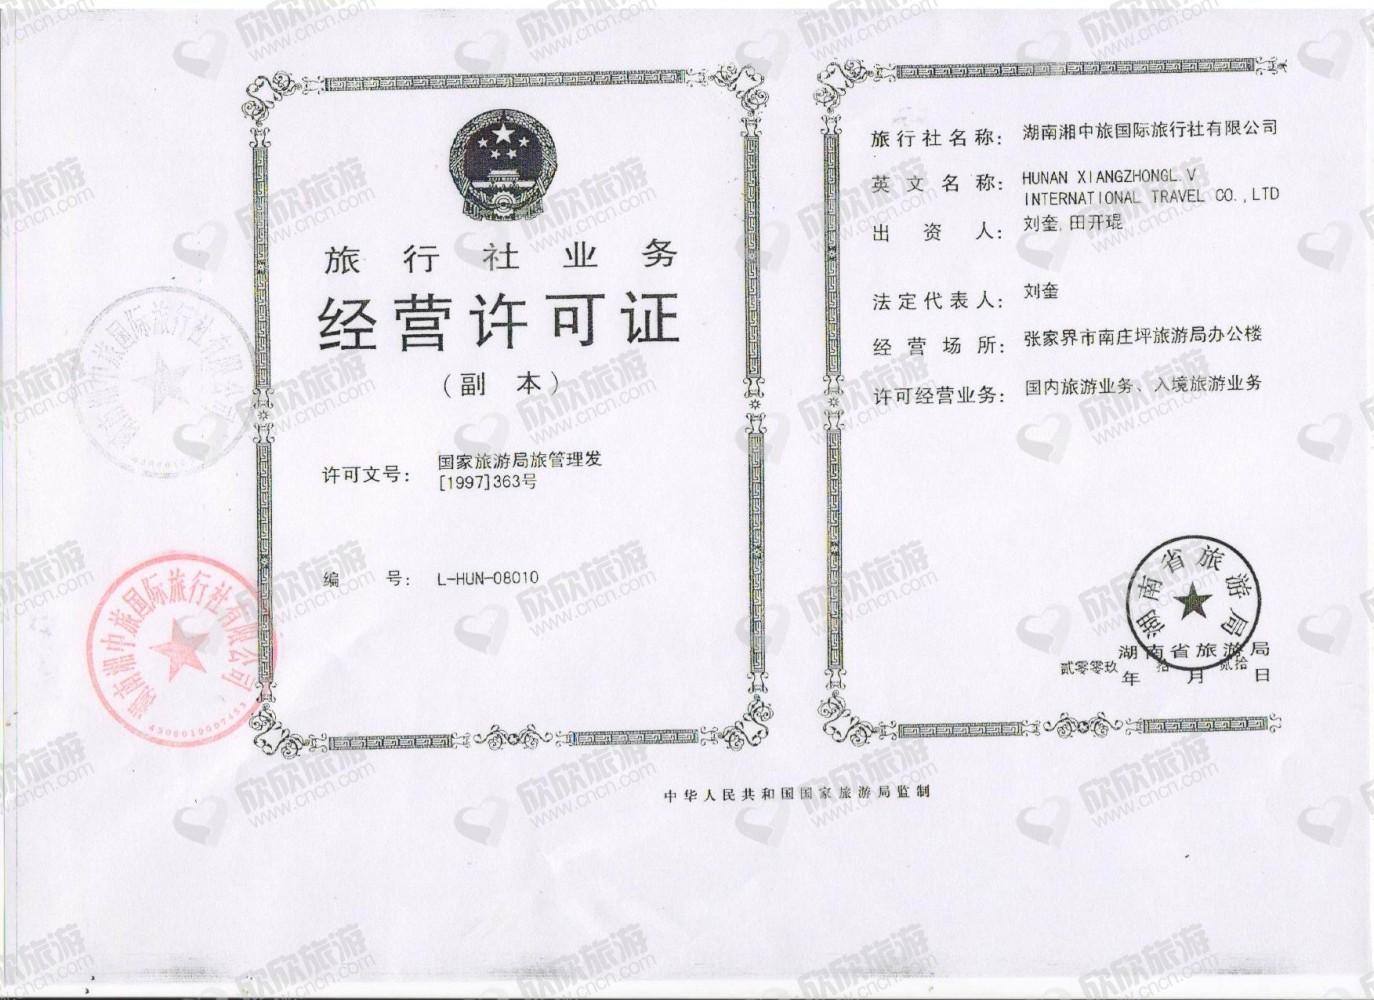 湖南湘中旅国际旅行社有限公司经营许可证